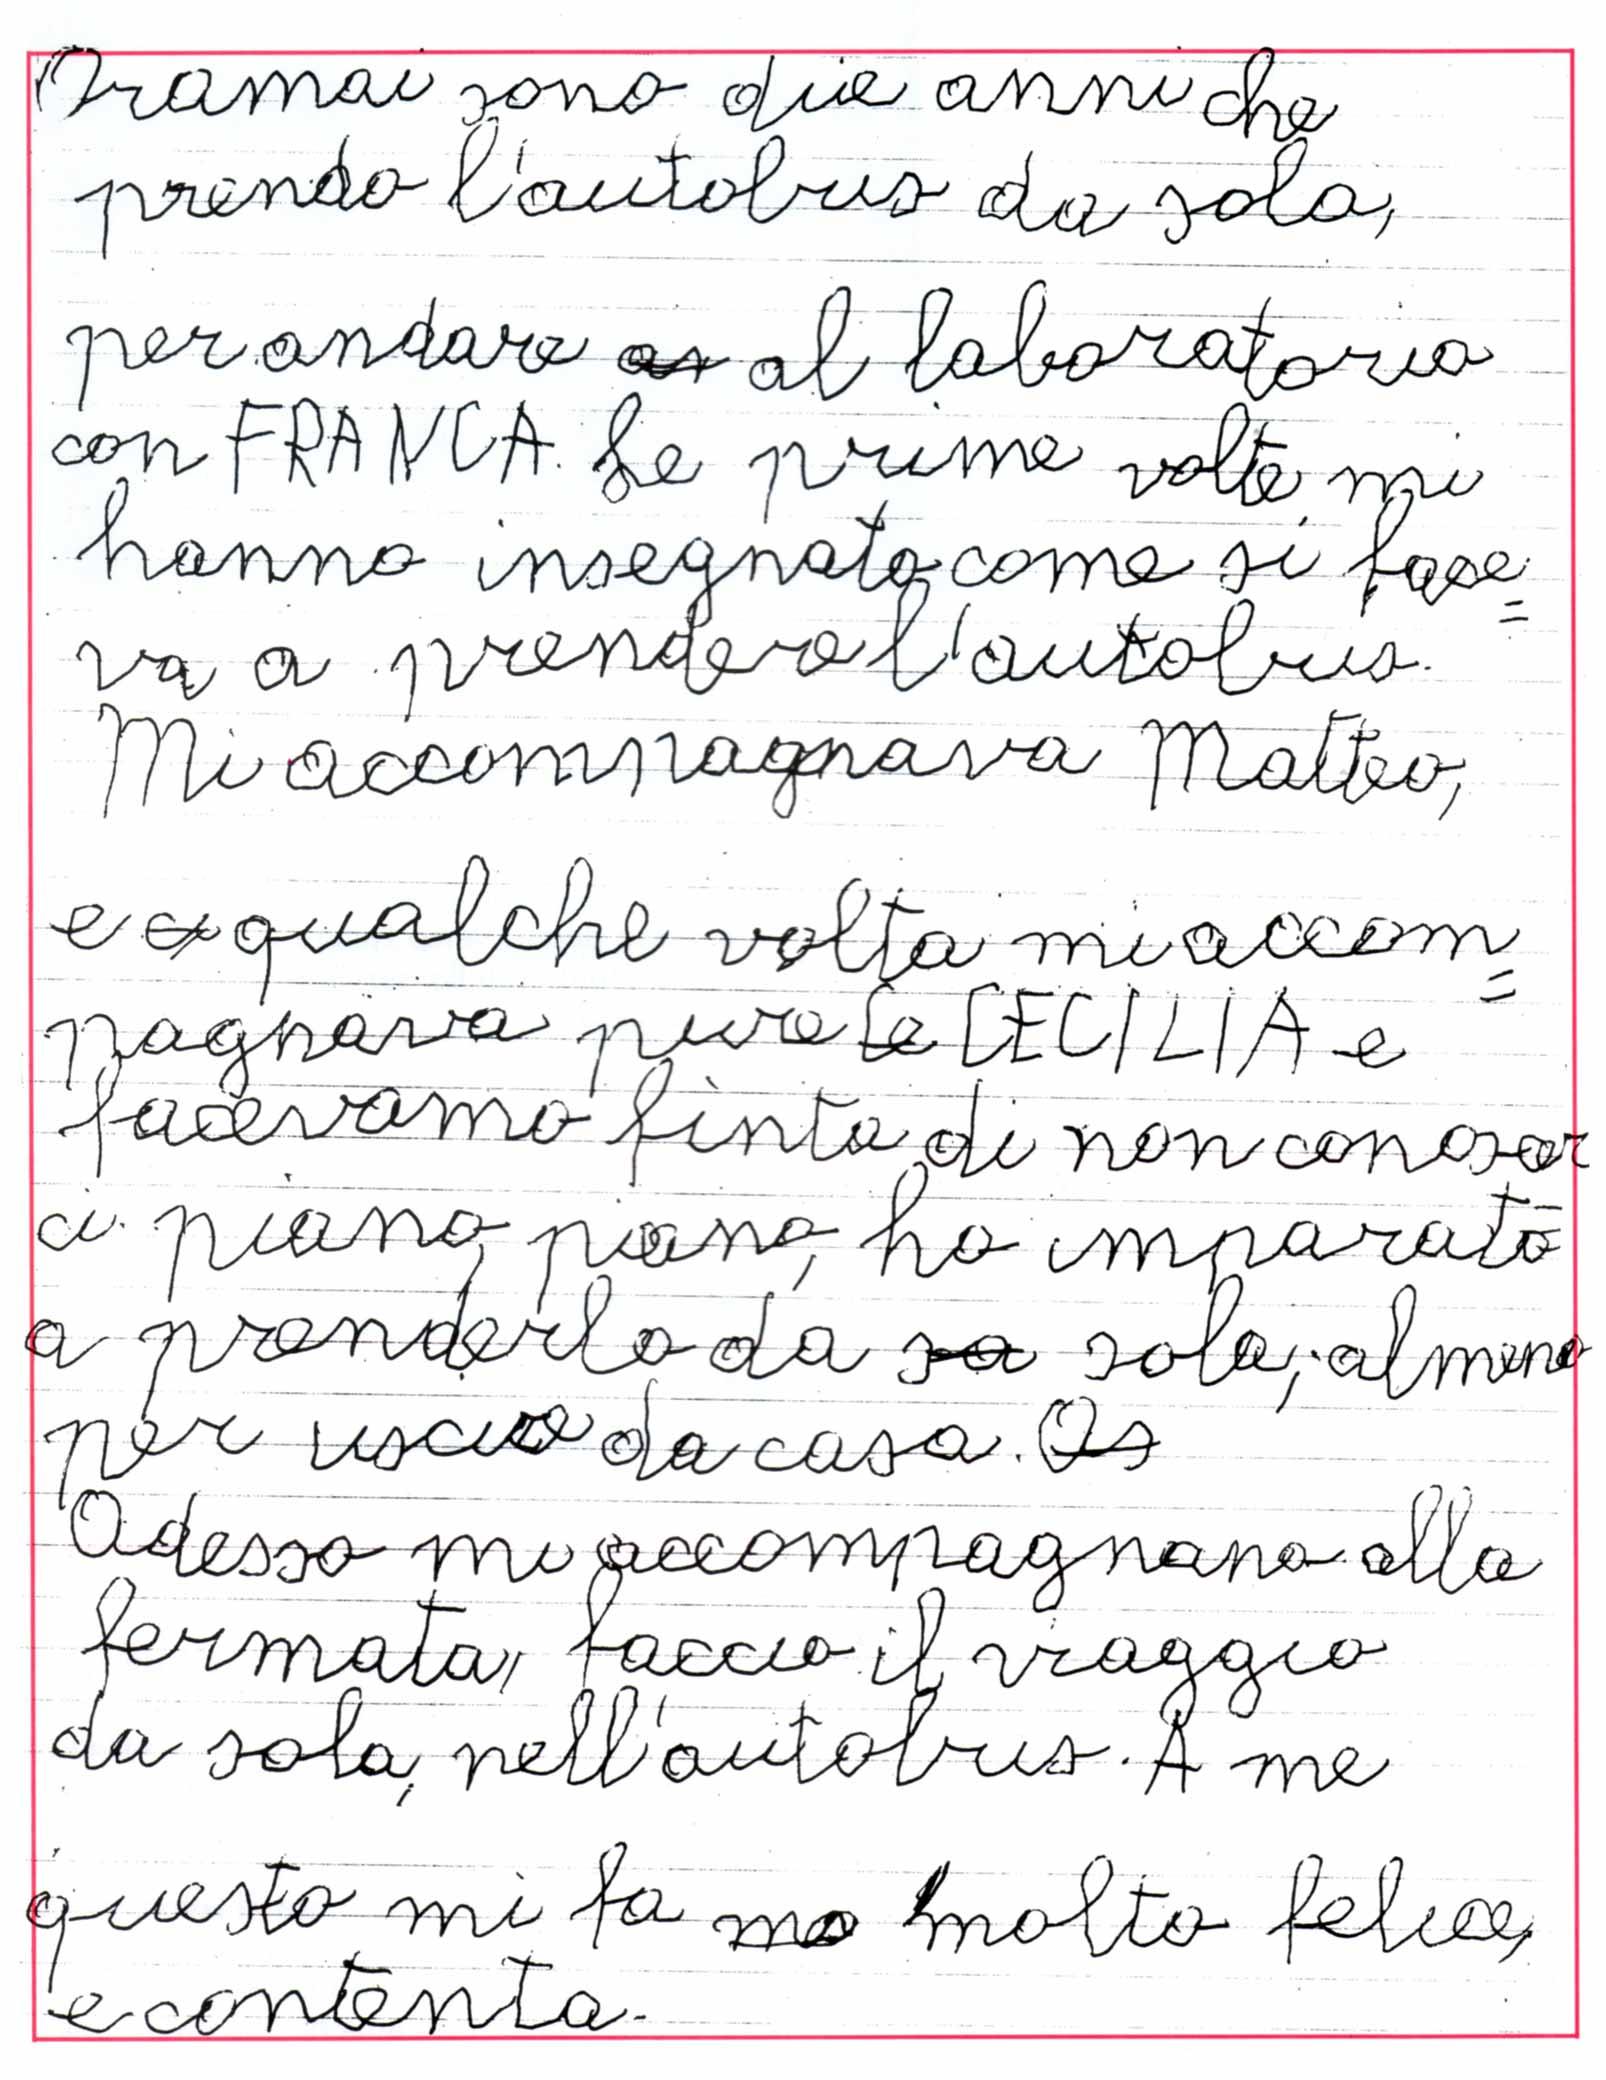 Faccio il viaggio da sola - Ombre e Luci n. 42, 1993